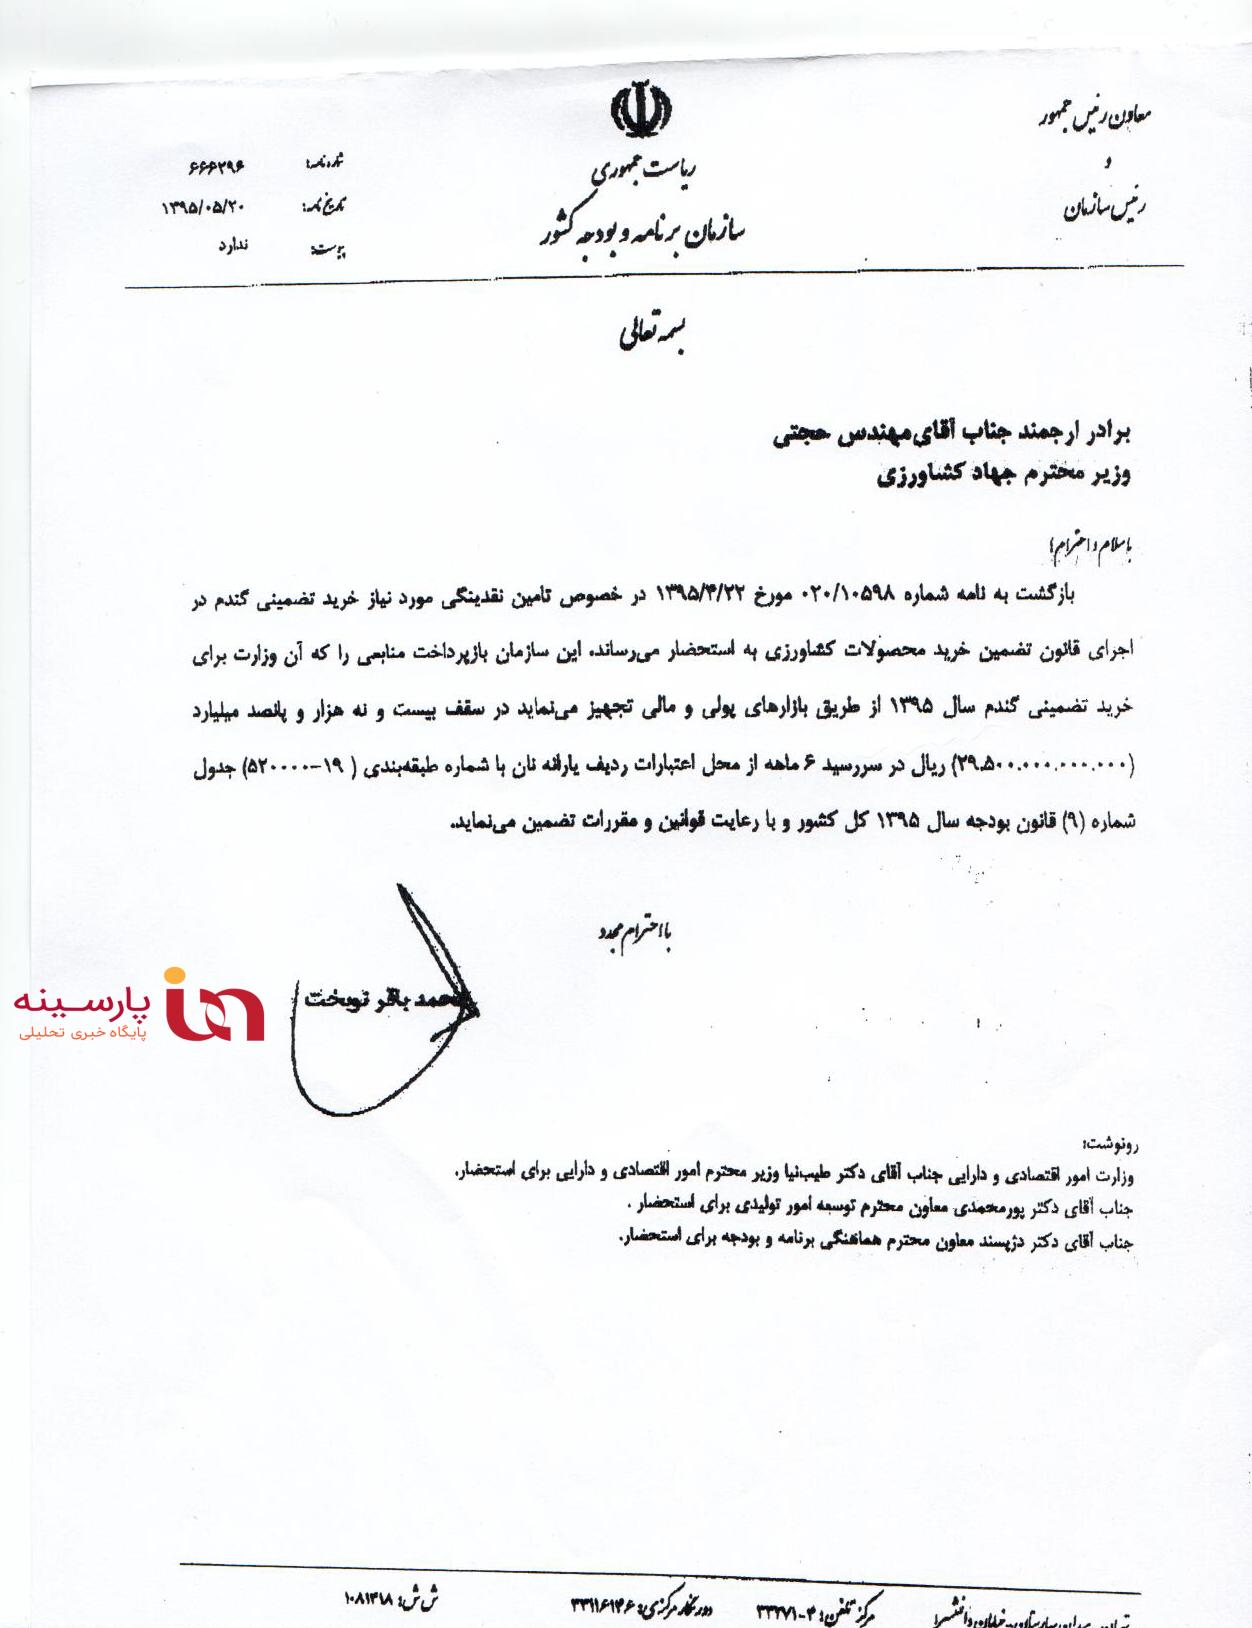 واریز پول گندم 96 سوابق محمد باقر نوبخت دولت حسن روحانی دولت تدبیر و امید پول گندم کی واریز میشود